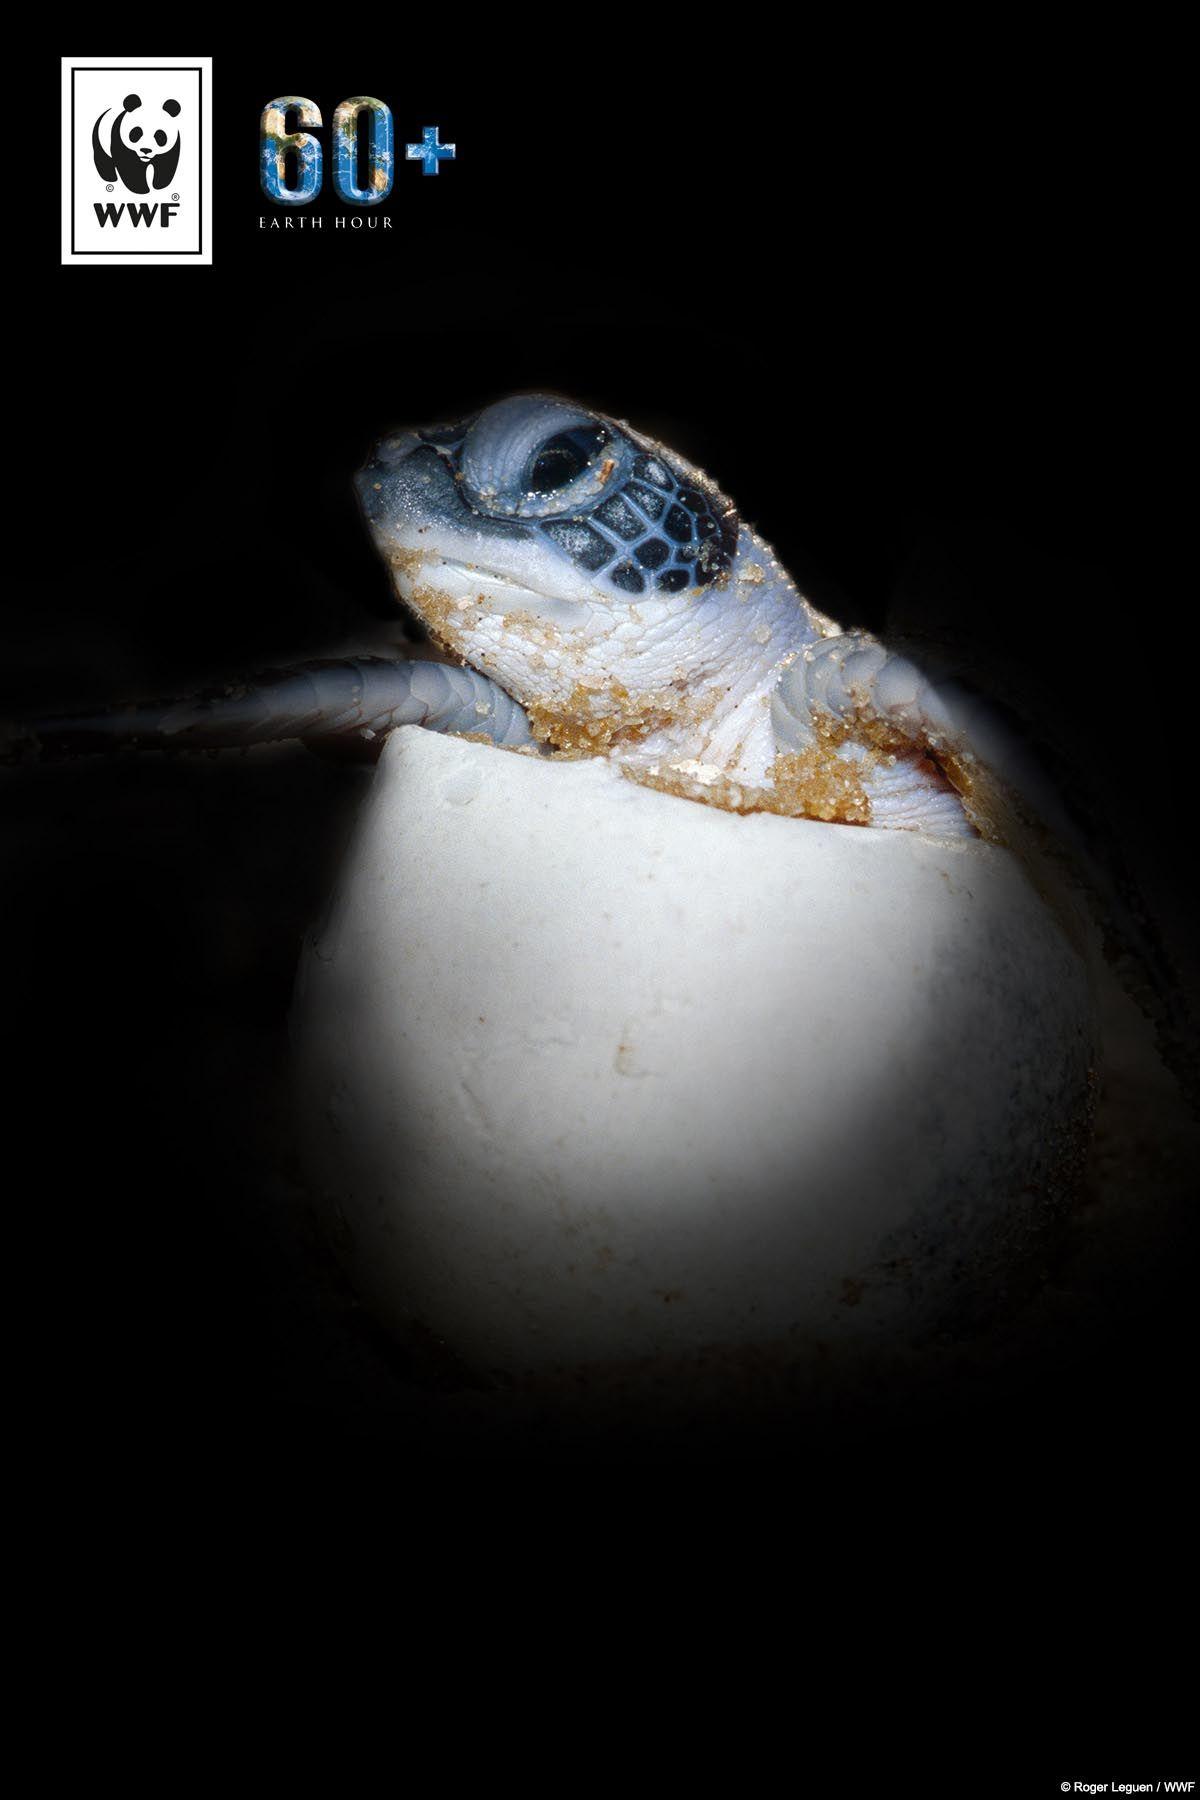 Wenn wir weitermachen wie bisher, könnte es bald nur noch weibliche Grüne Meeresschildkröten geben könnte? Eine von sechs Tierarten ist durch den Klimawandel vom Aussterben bedroht. Macht mit bei der #EarthHour und setzt ein Zeichen für mehr Klimaschutz und die Arten: www.wwf.de/earthhour